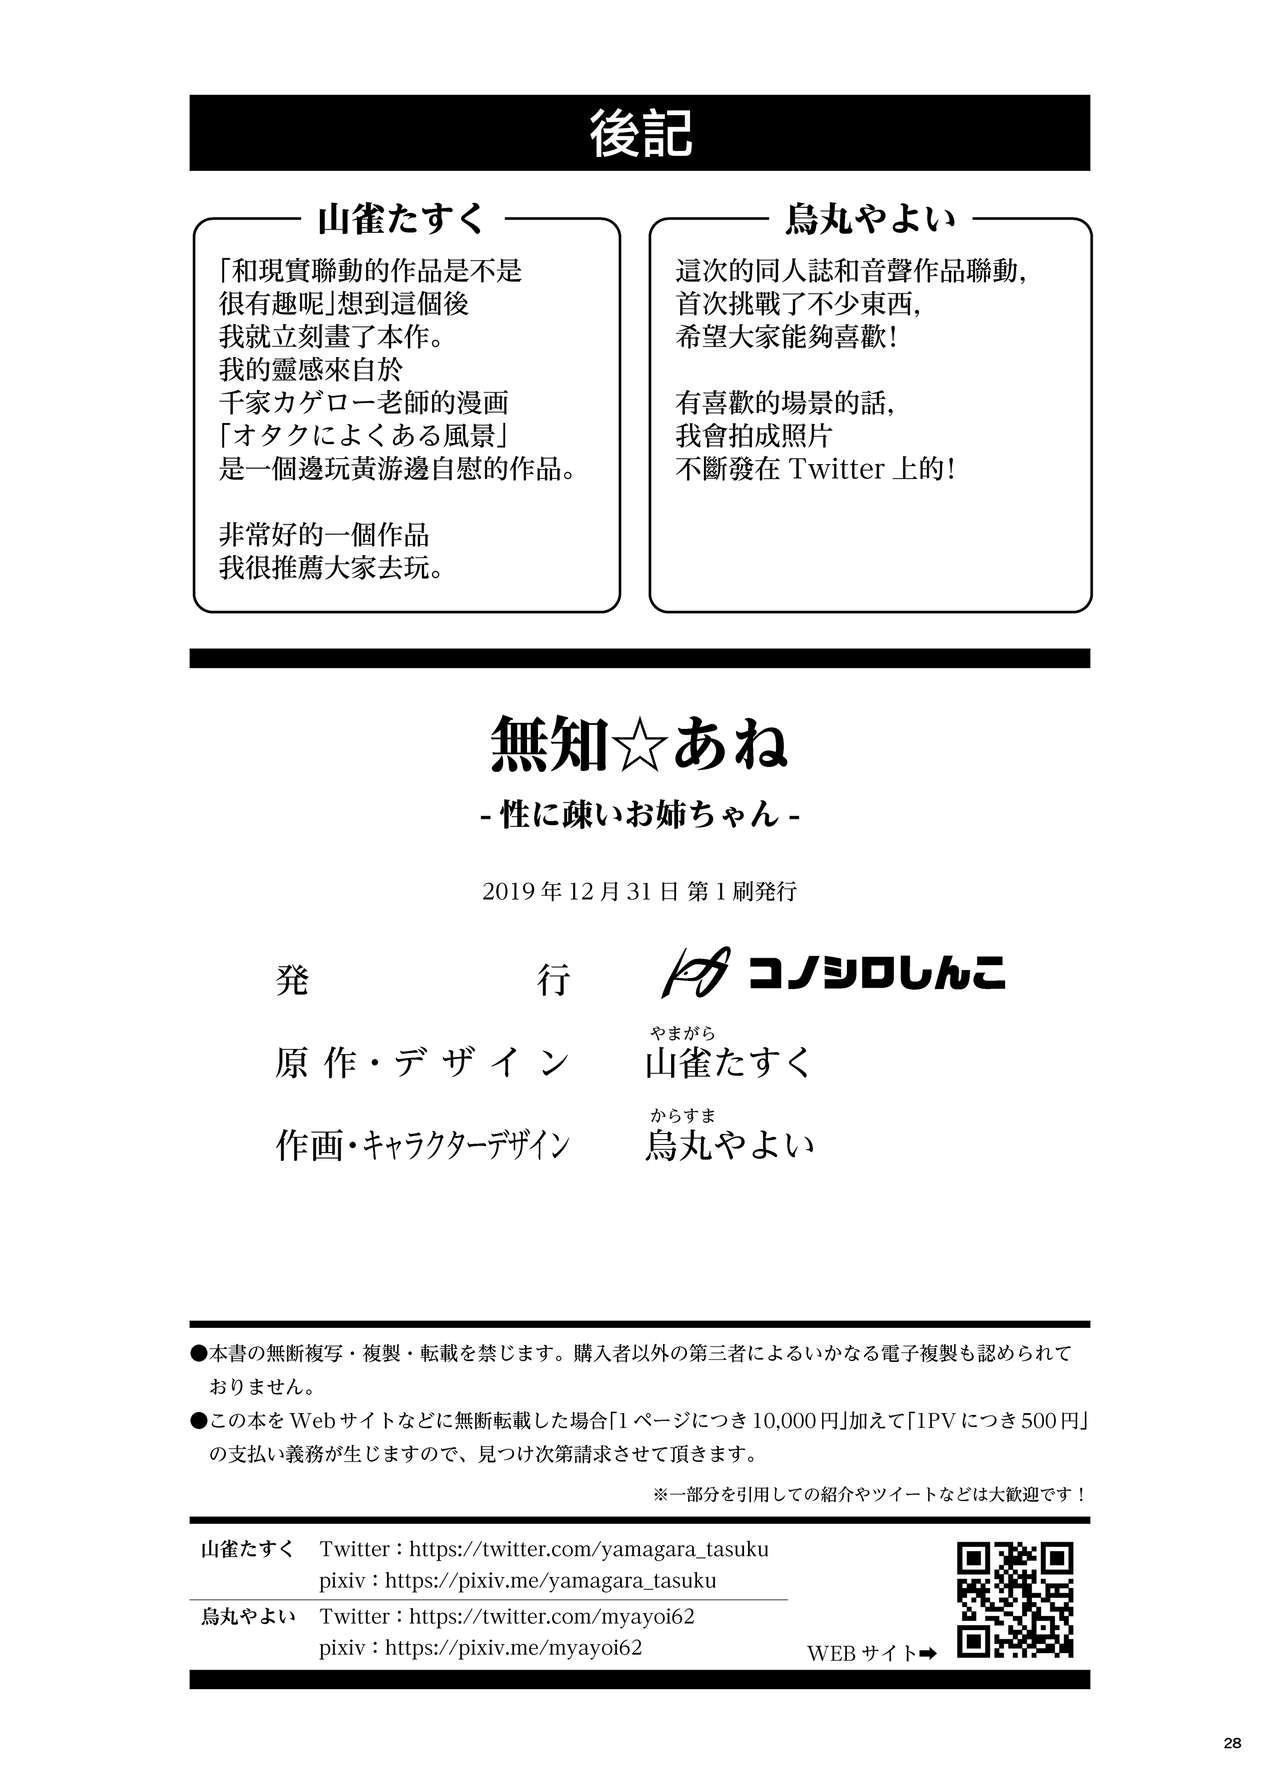 [Konoshiro Shinko (Yamagara Tasuku, Karasuma Yayoi)] Muchi Ane -Sei ni Utoi Onee-san- [Chinese] [無邪気漢化組] [Digital] 26